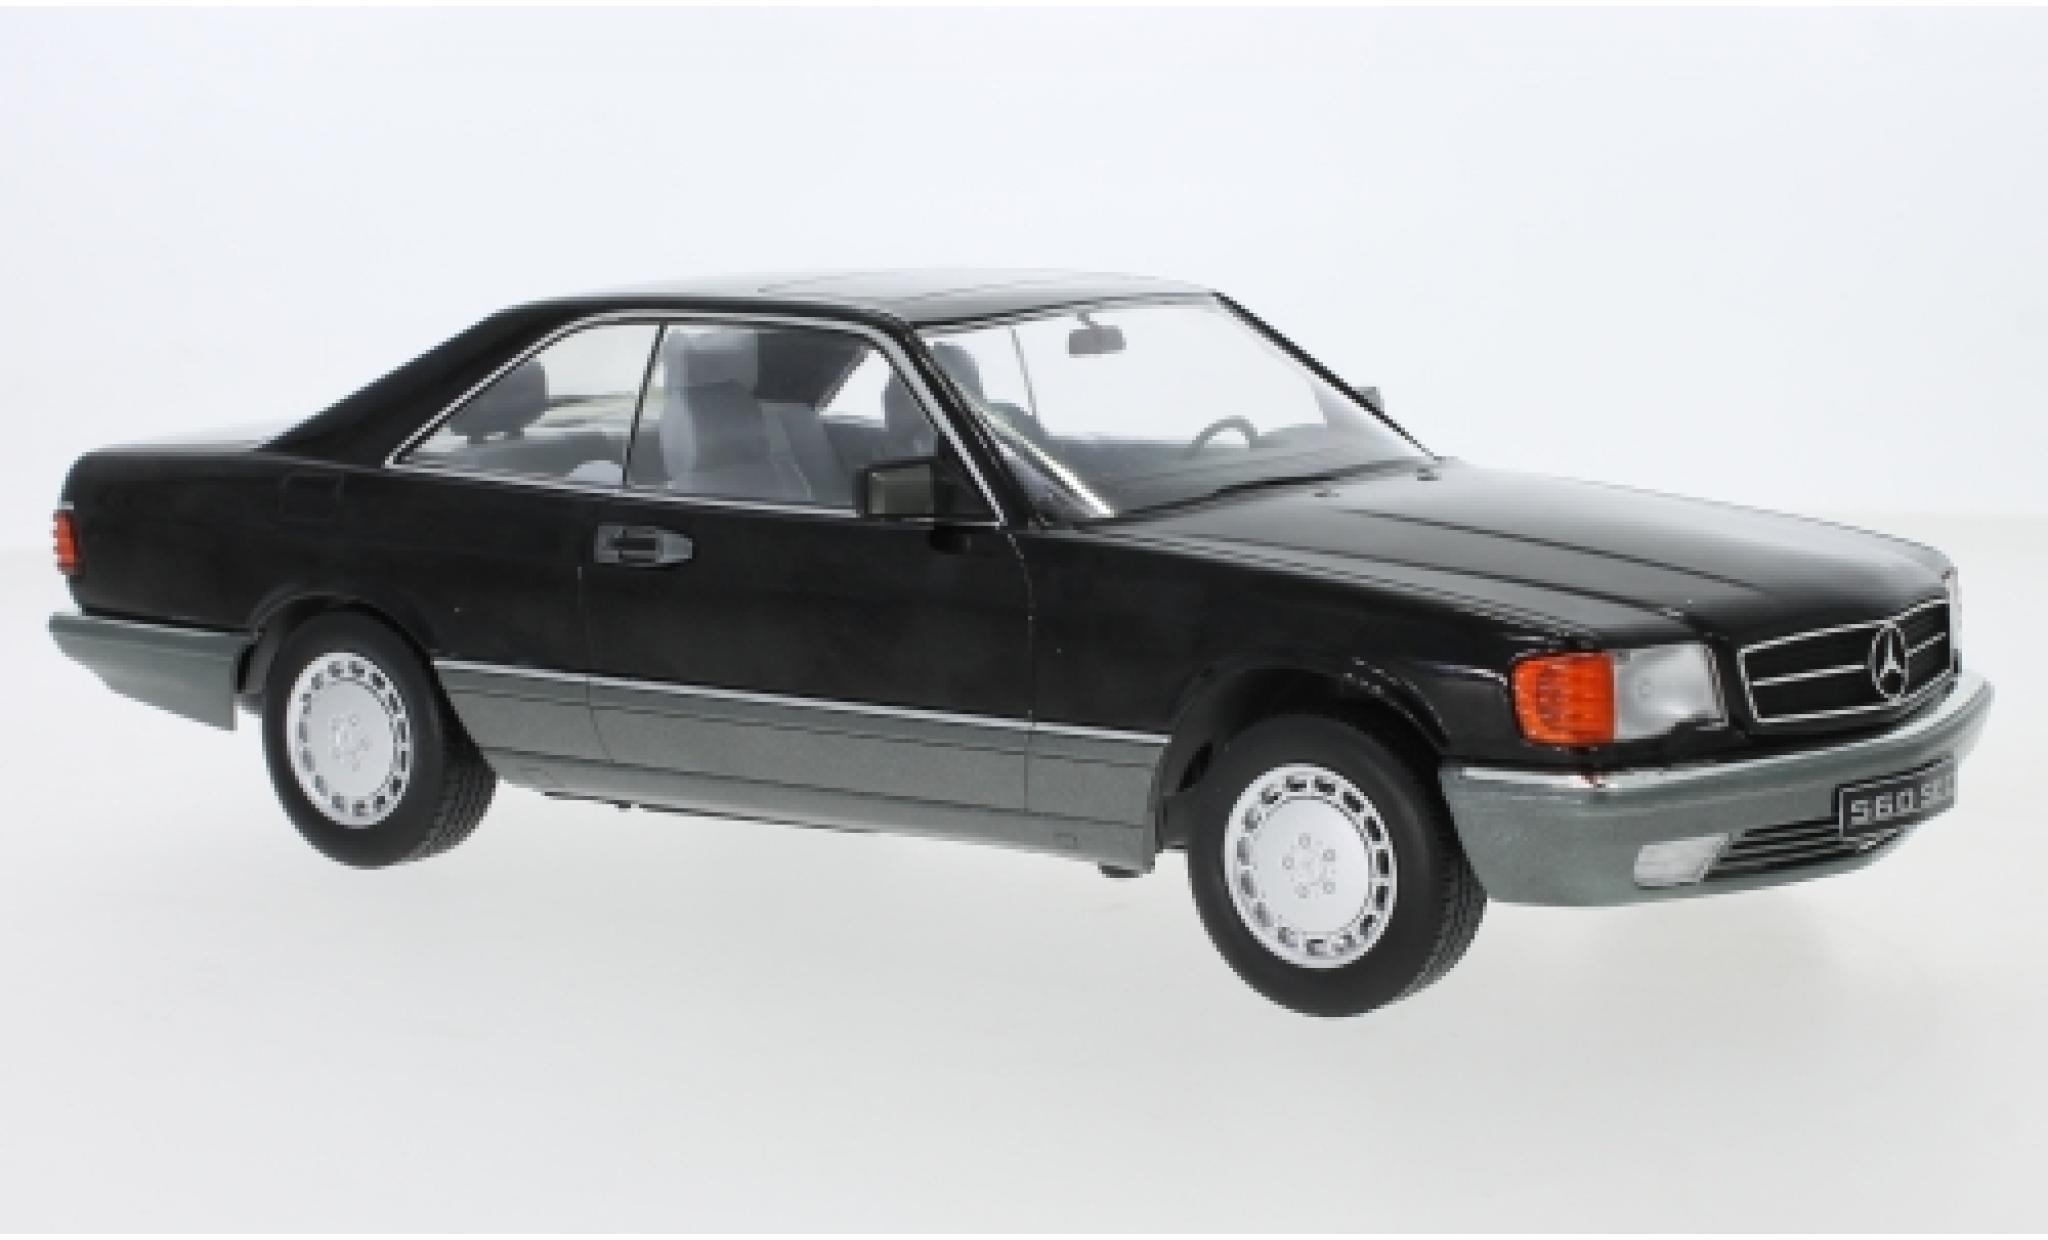 Mercedes 560 1/18 KK Scale SEC (C126) noire 1985